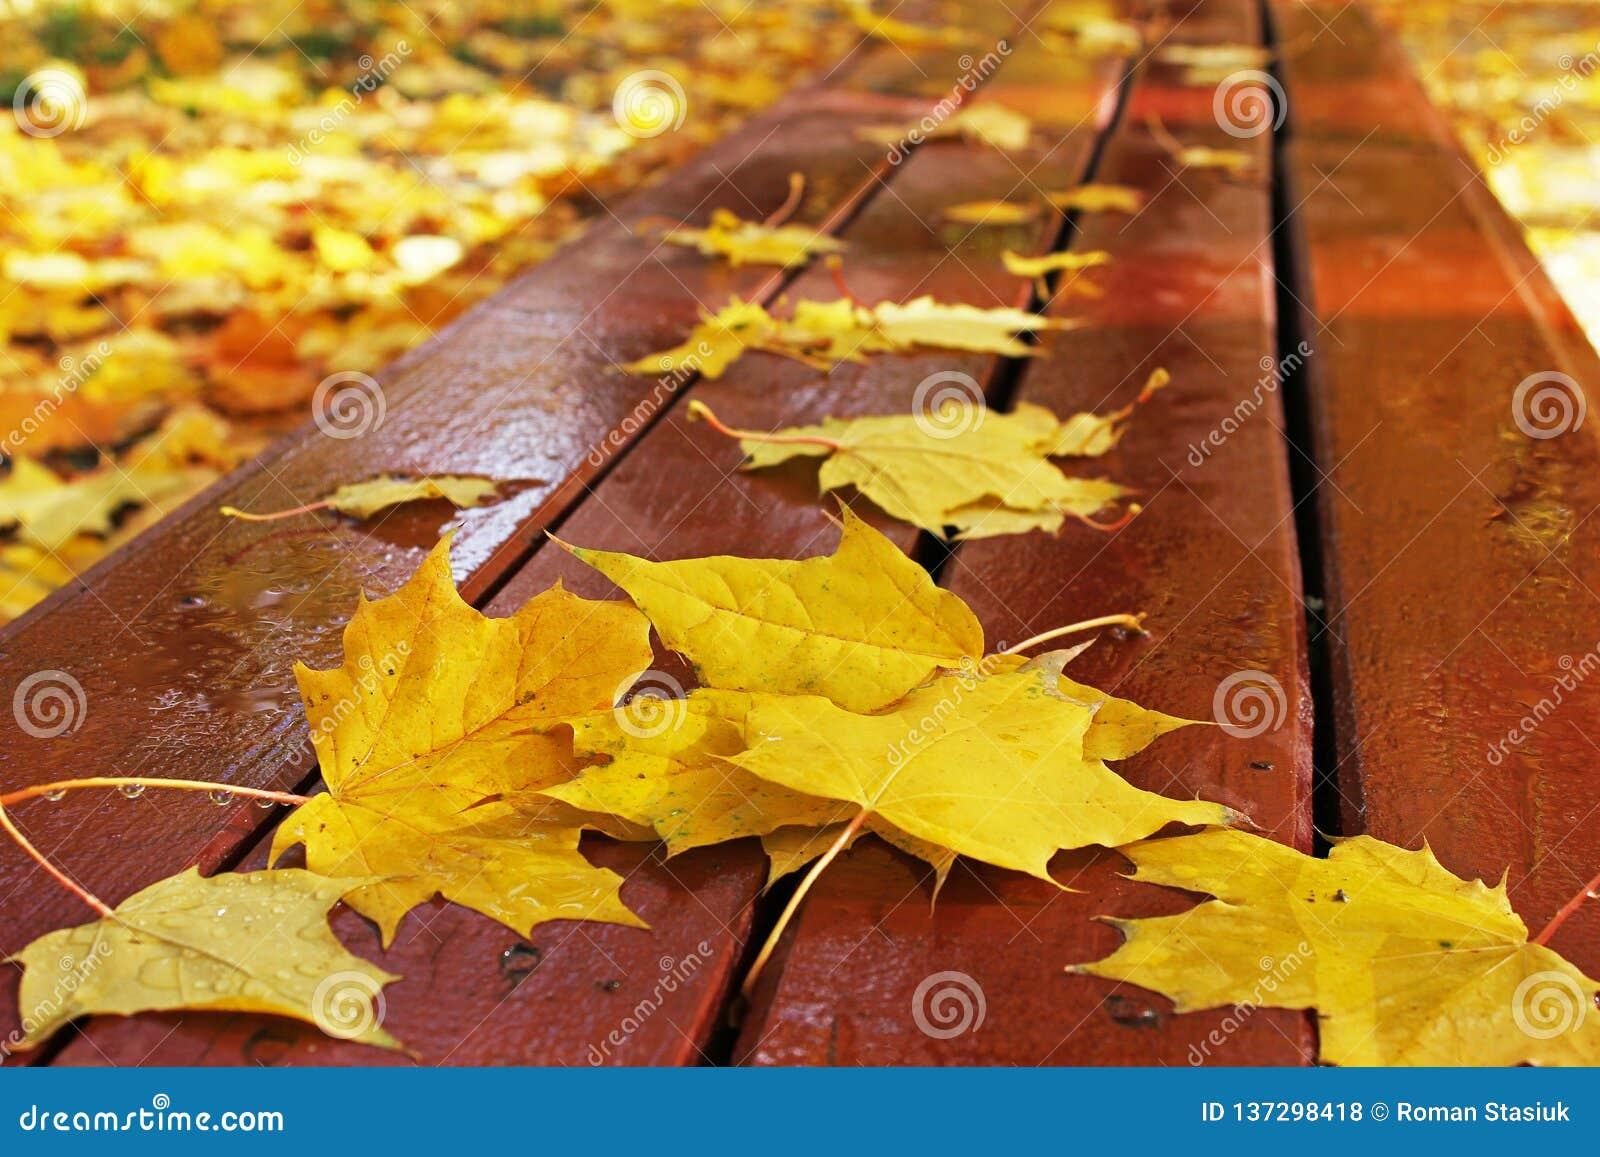 De herfst De herfstbladeren op een bank in het park